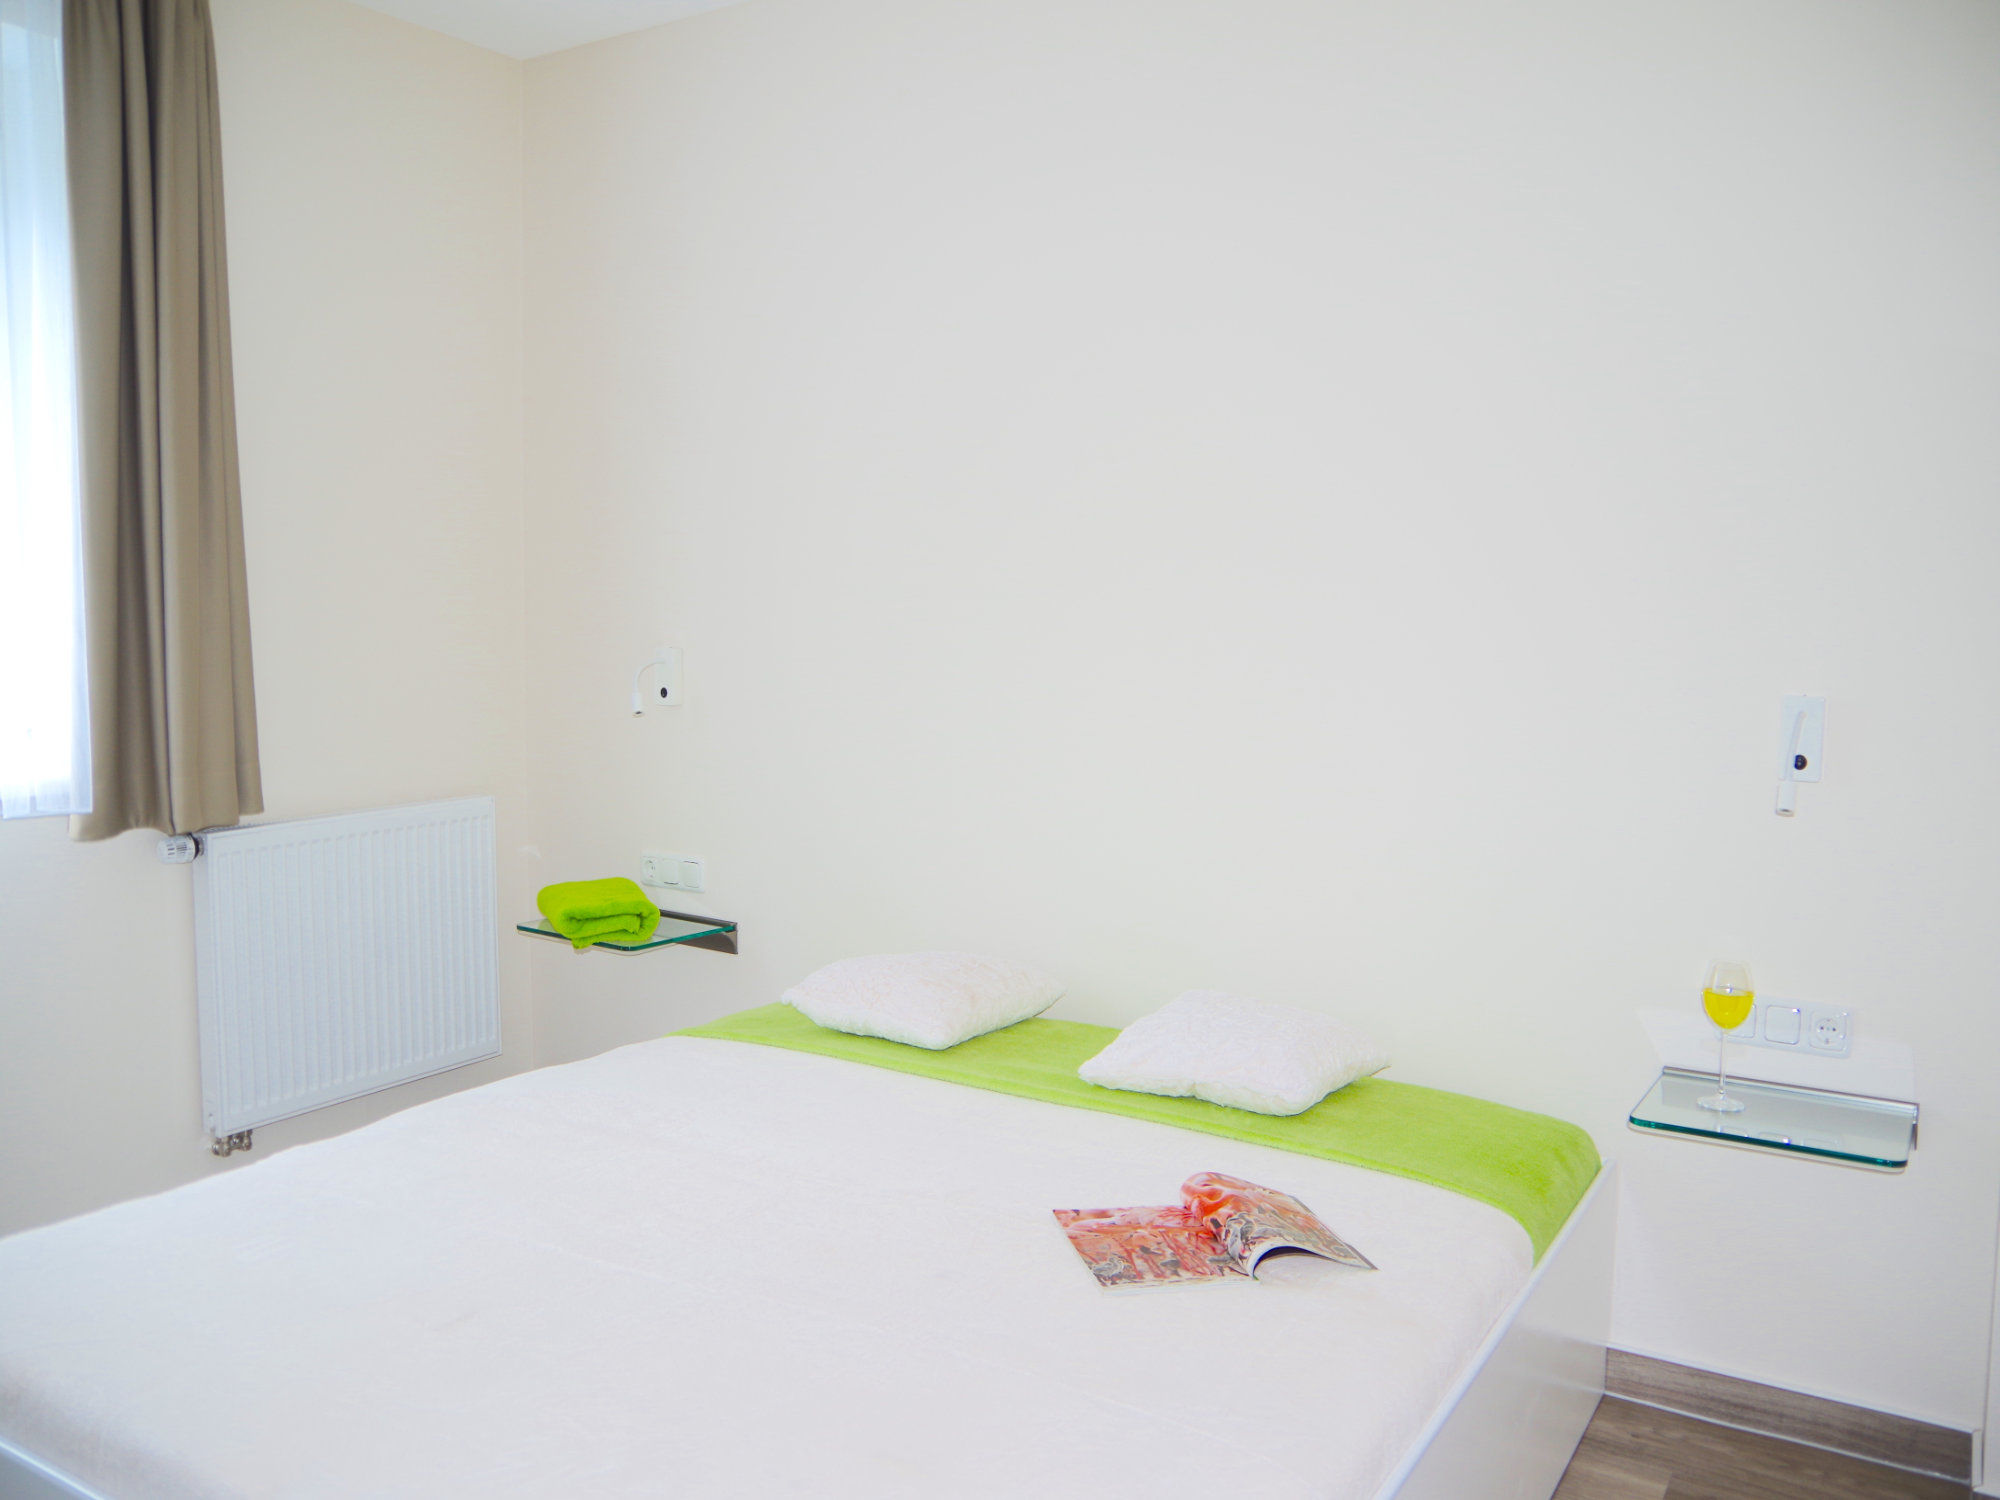 Schlafzimmer mit Doppelbett und Glaskonsolen links und rechts vom Bett